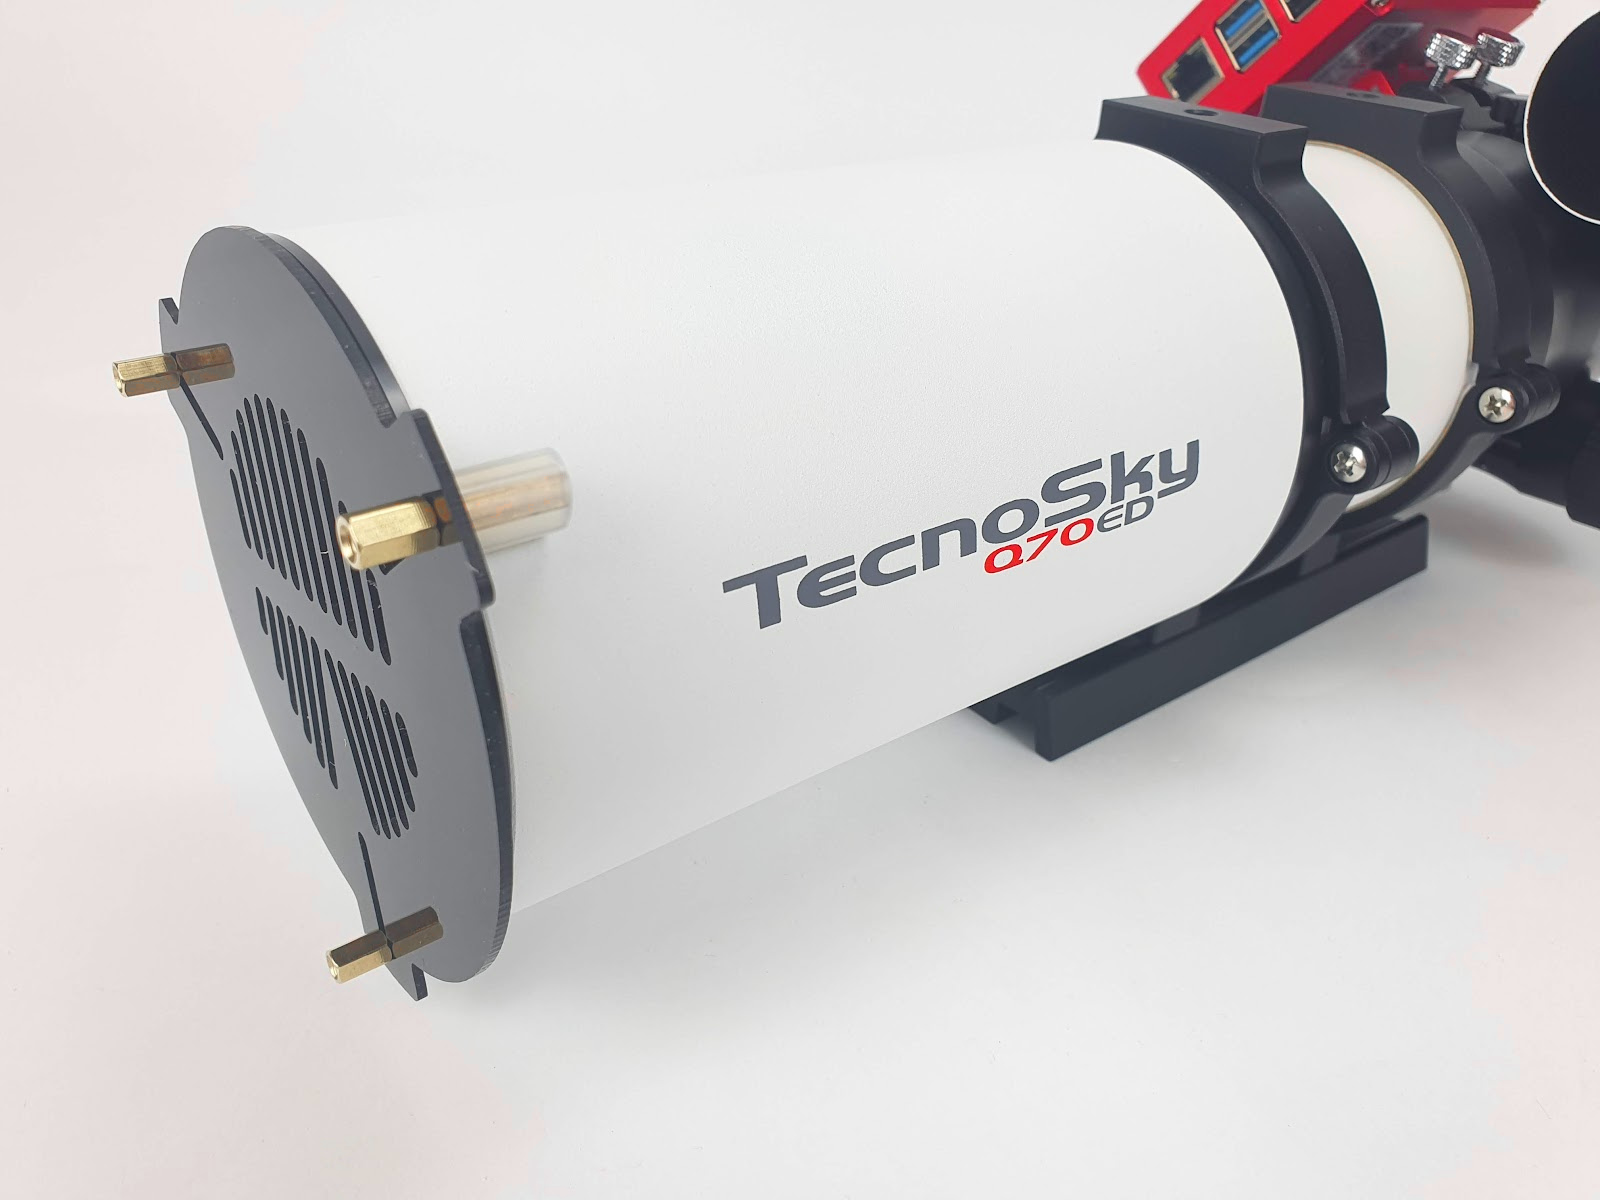 Tripletto Apo Tecnosky 70/478mm con dotazione astrofotografica completa - SCONTIAMO L'IVA !!